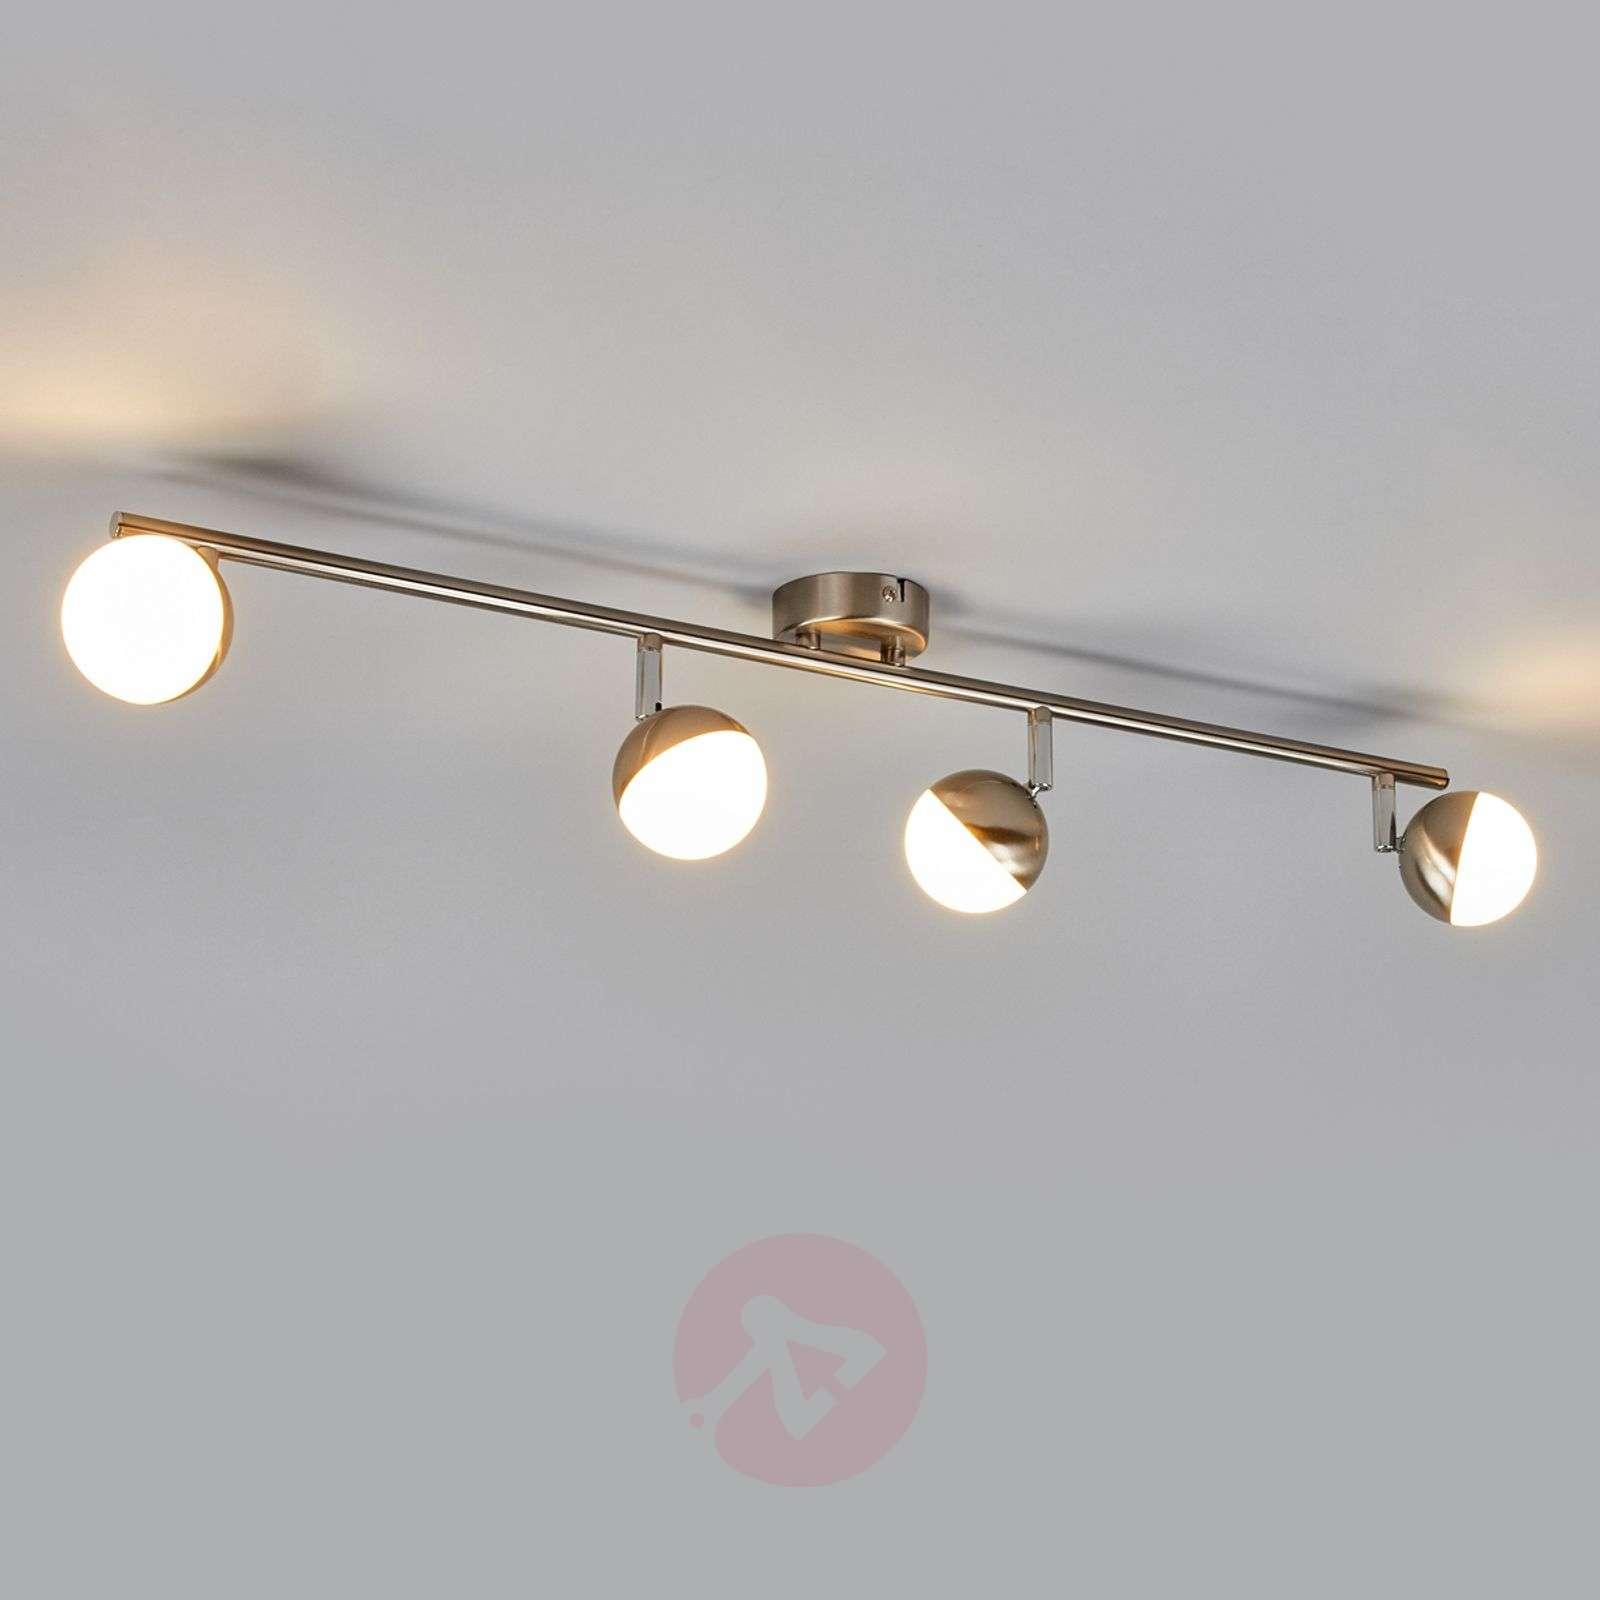 Hillitty LED-kattovalaisin Jonne, matta nikkeli-9987058-04